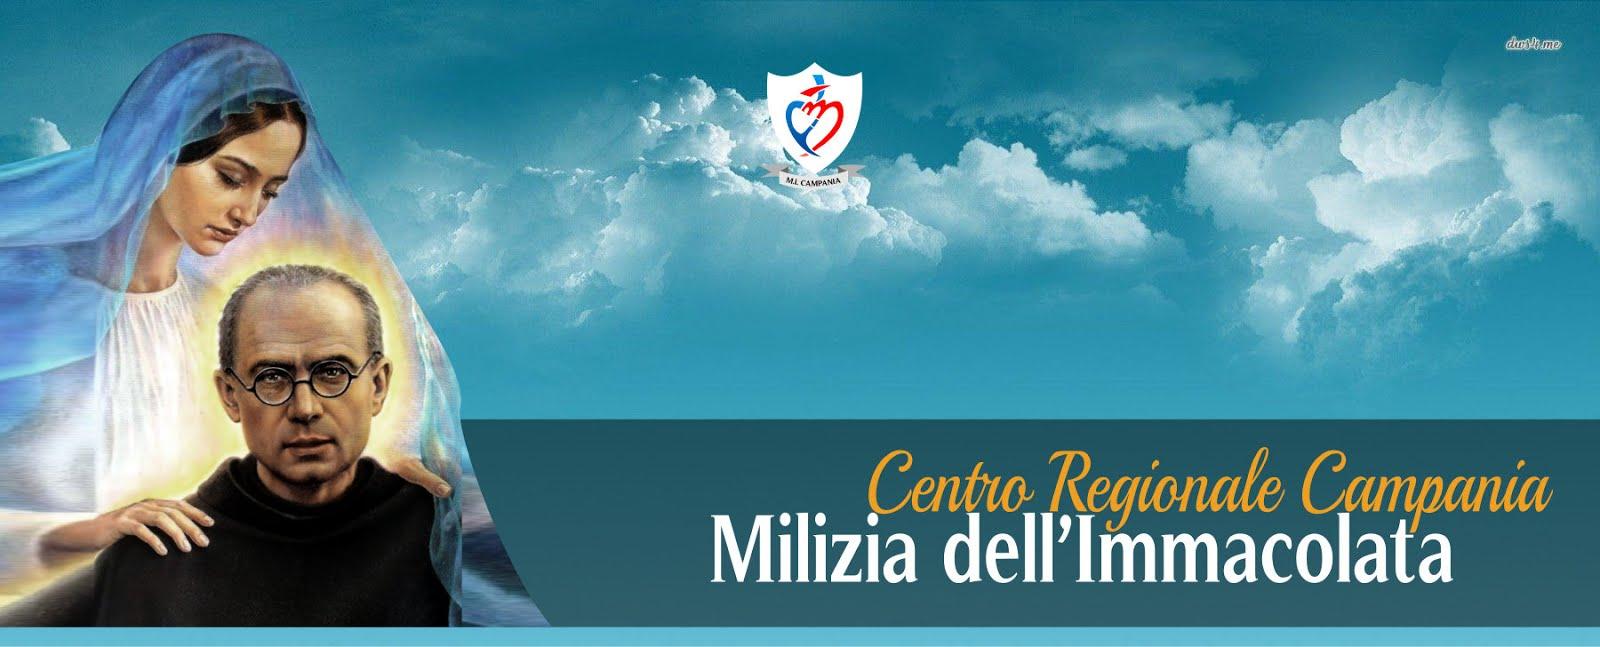 Milizia dell'Immacolata Campania